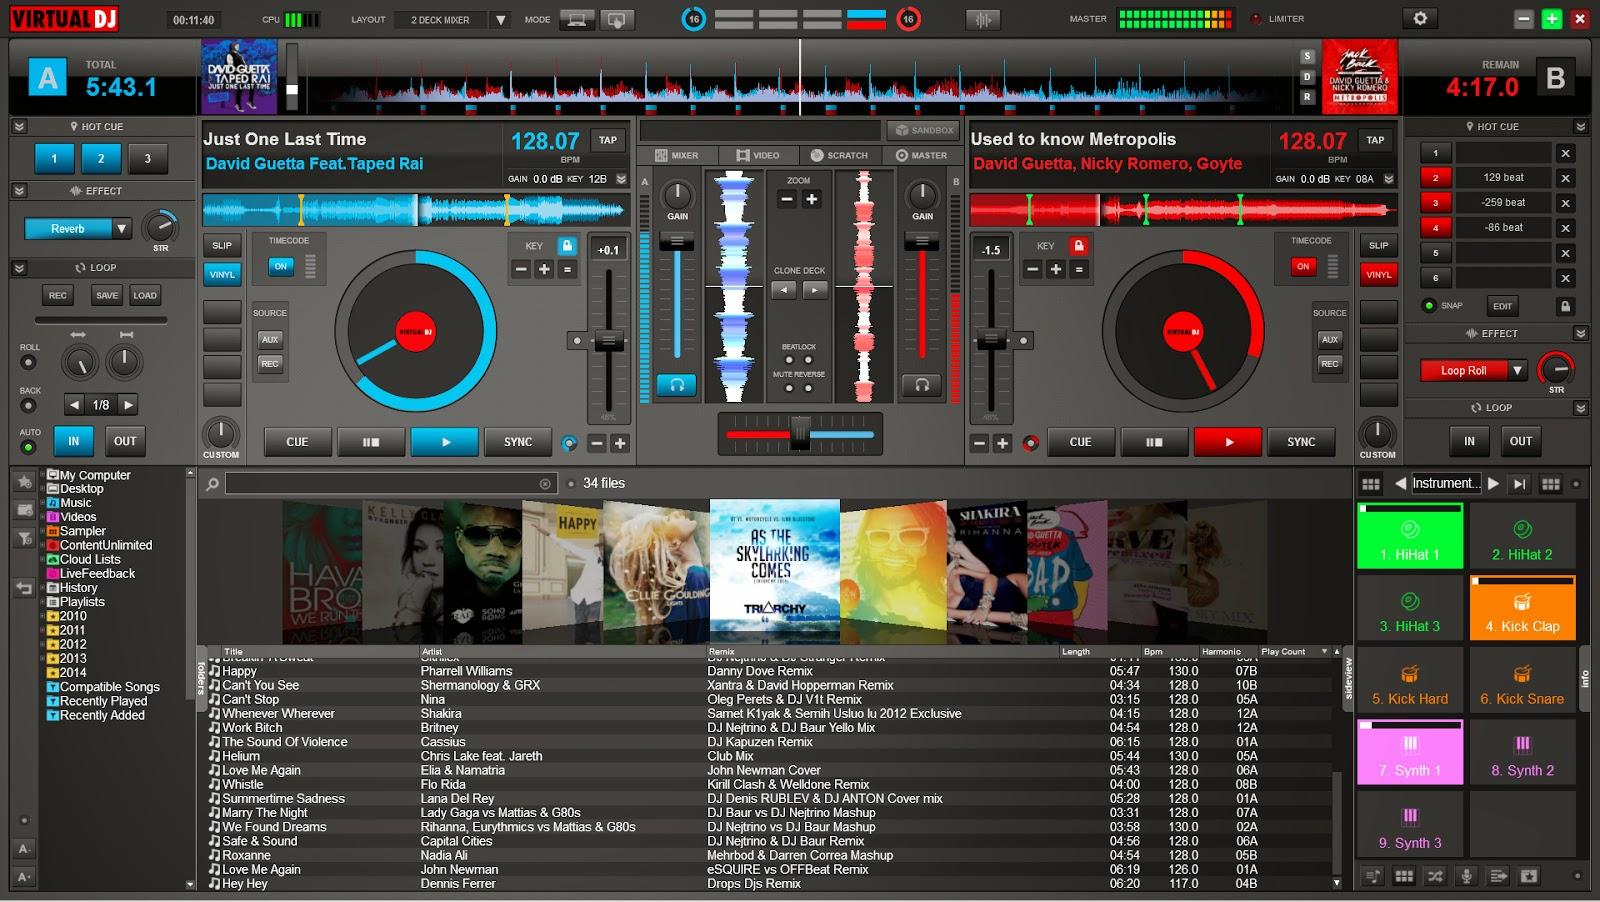 Free download virtualdj pro serial keygen terbaru station top 10 surabaya